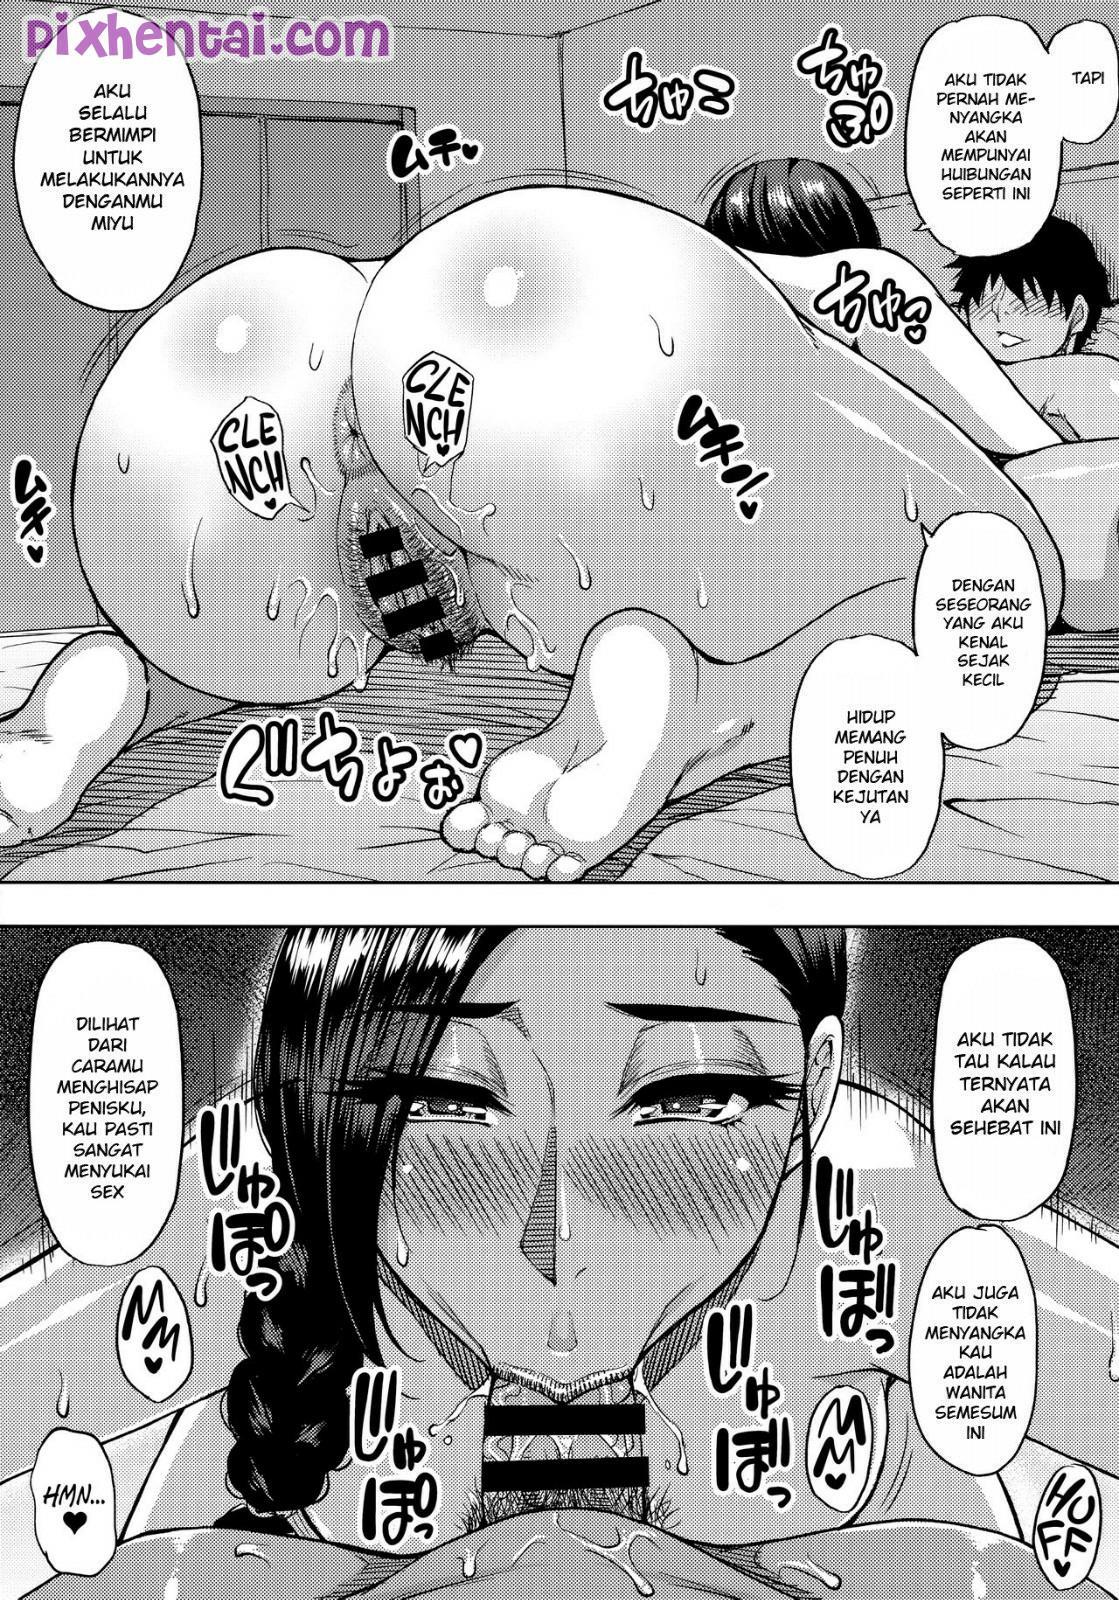 Komik hentai xxx manga sex bokep Ngentot Tante Semok sebagai Upah menjadi Guru Les 16